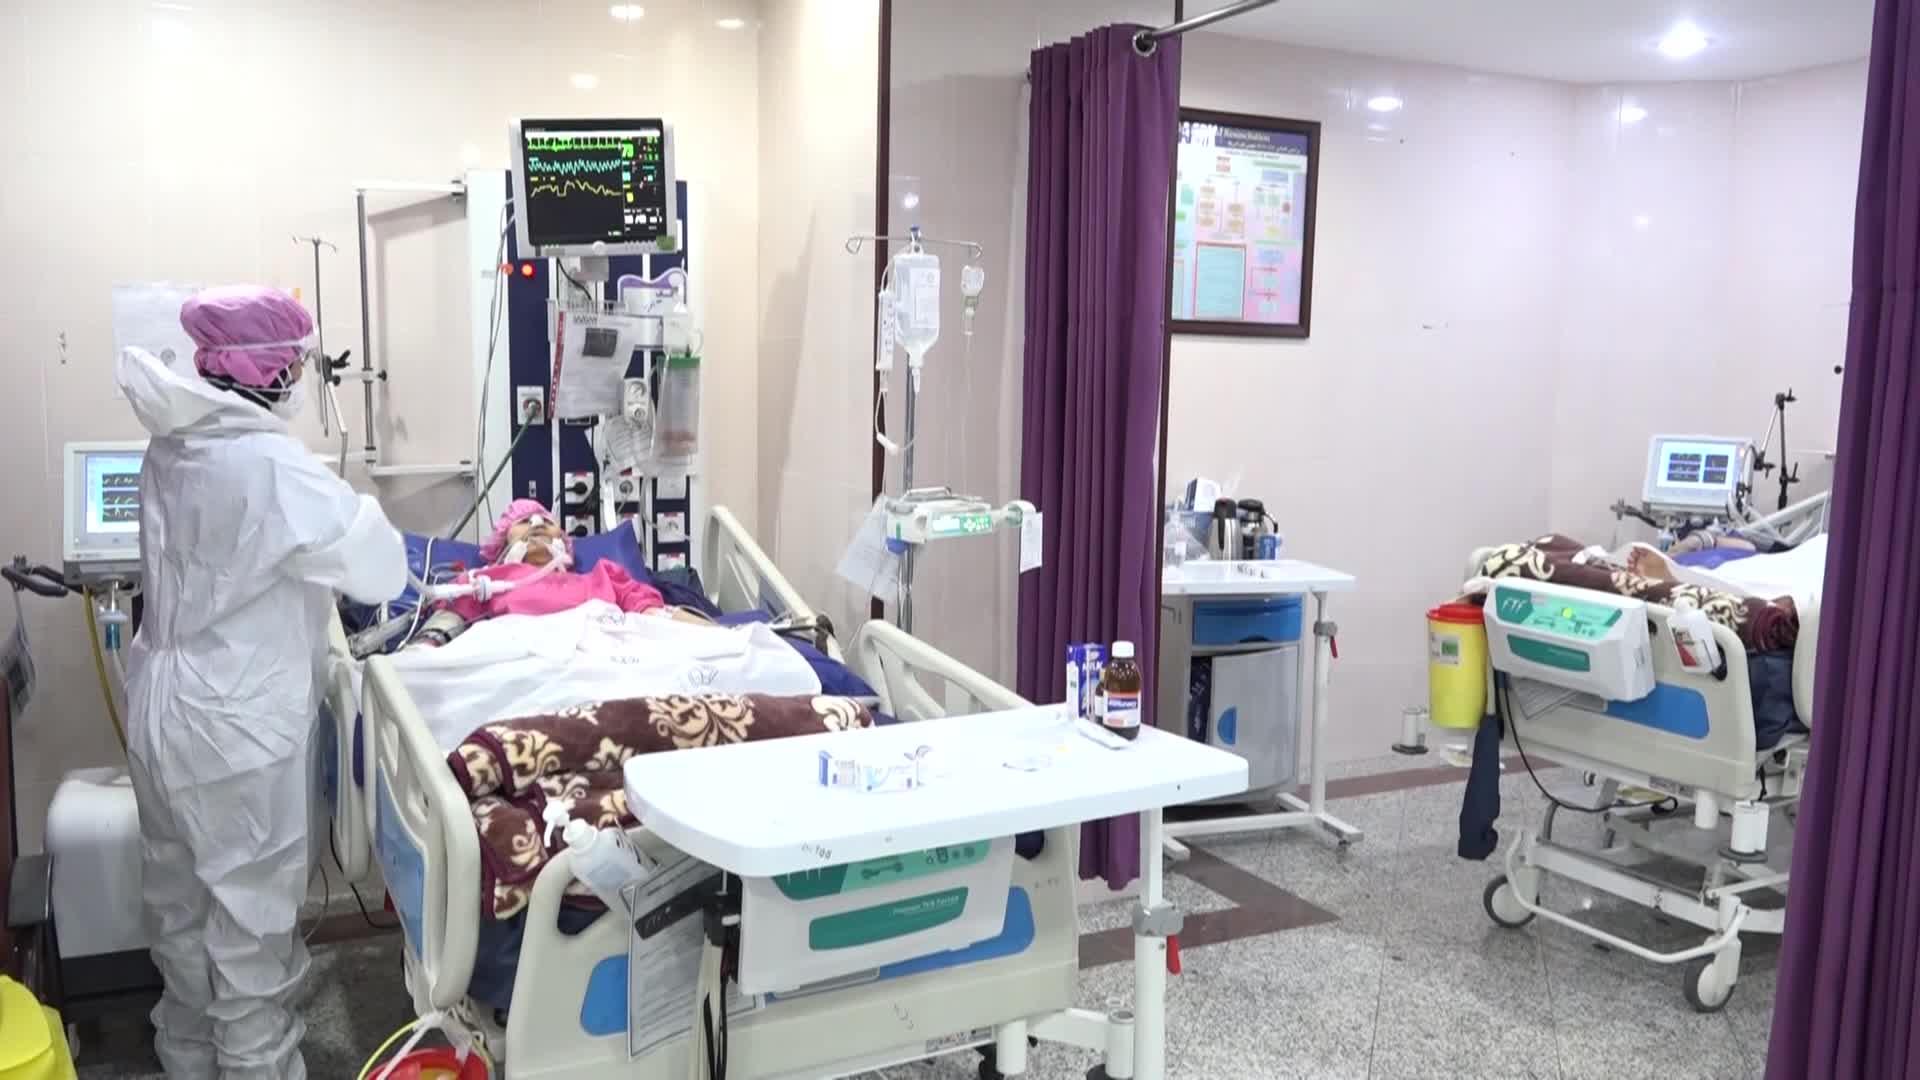 حال ۸ بیمار کرونایی بستری در بخش مراقبتهای ویژه نامساعد است